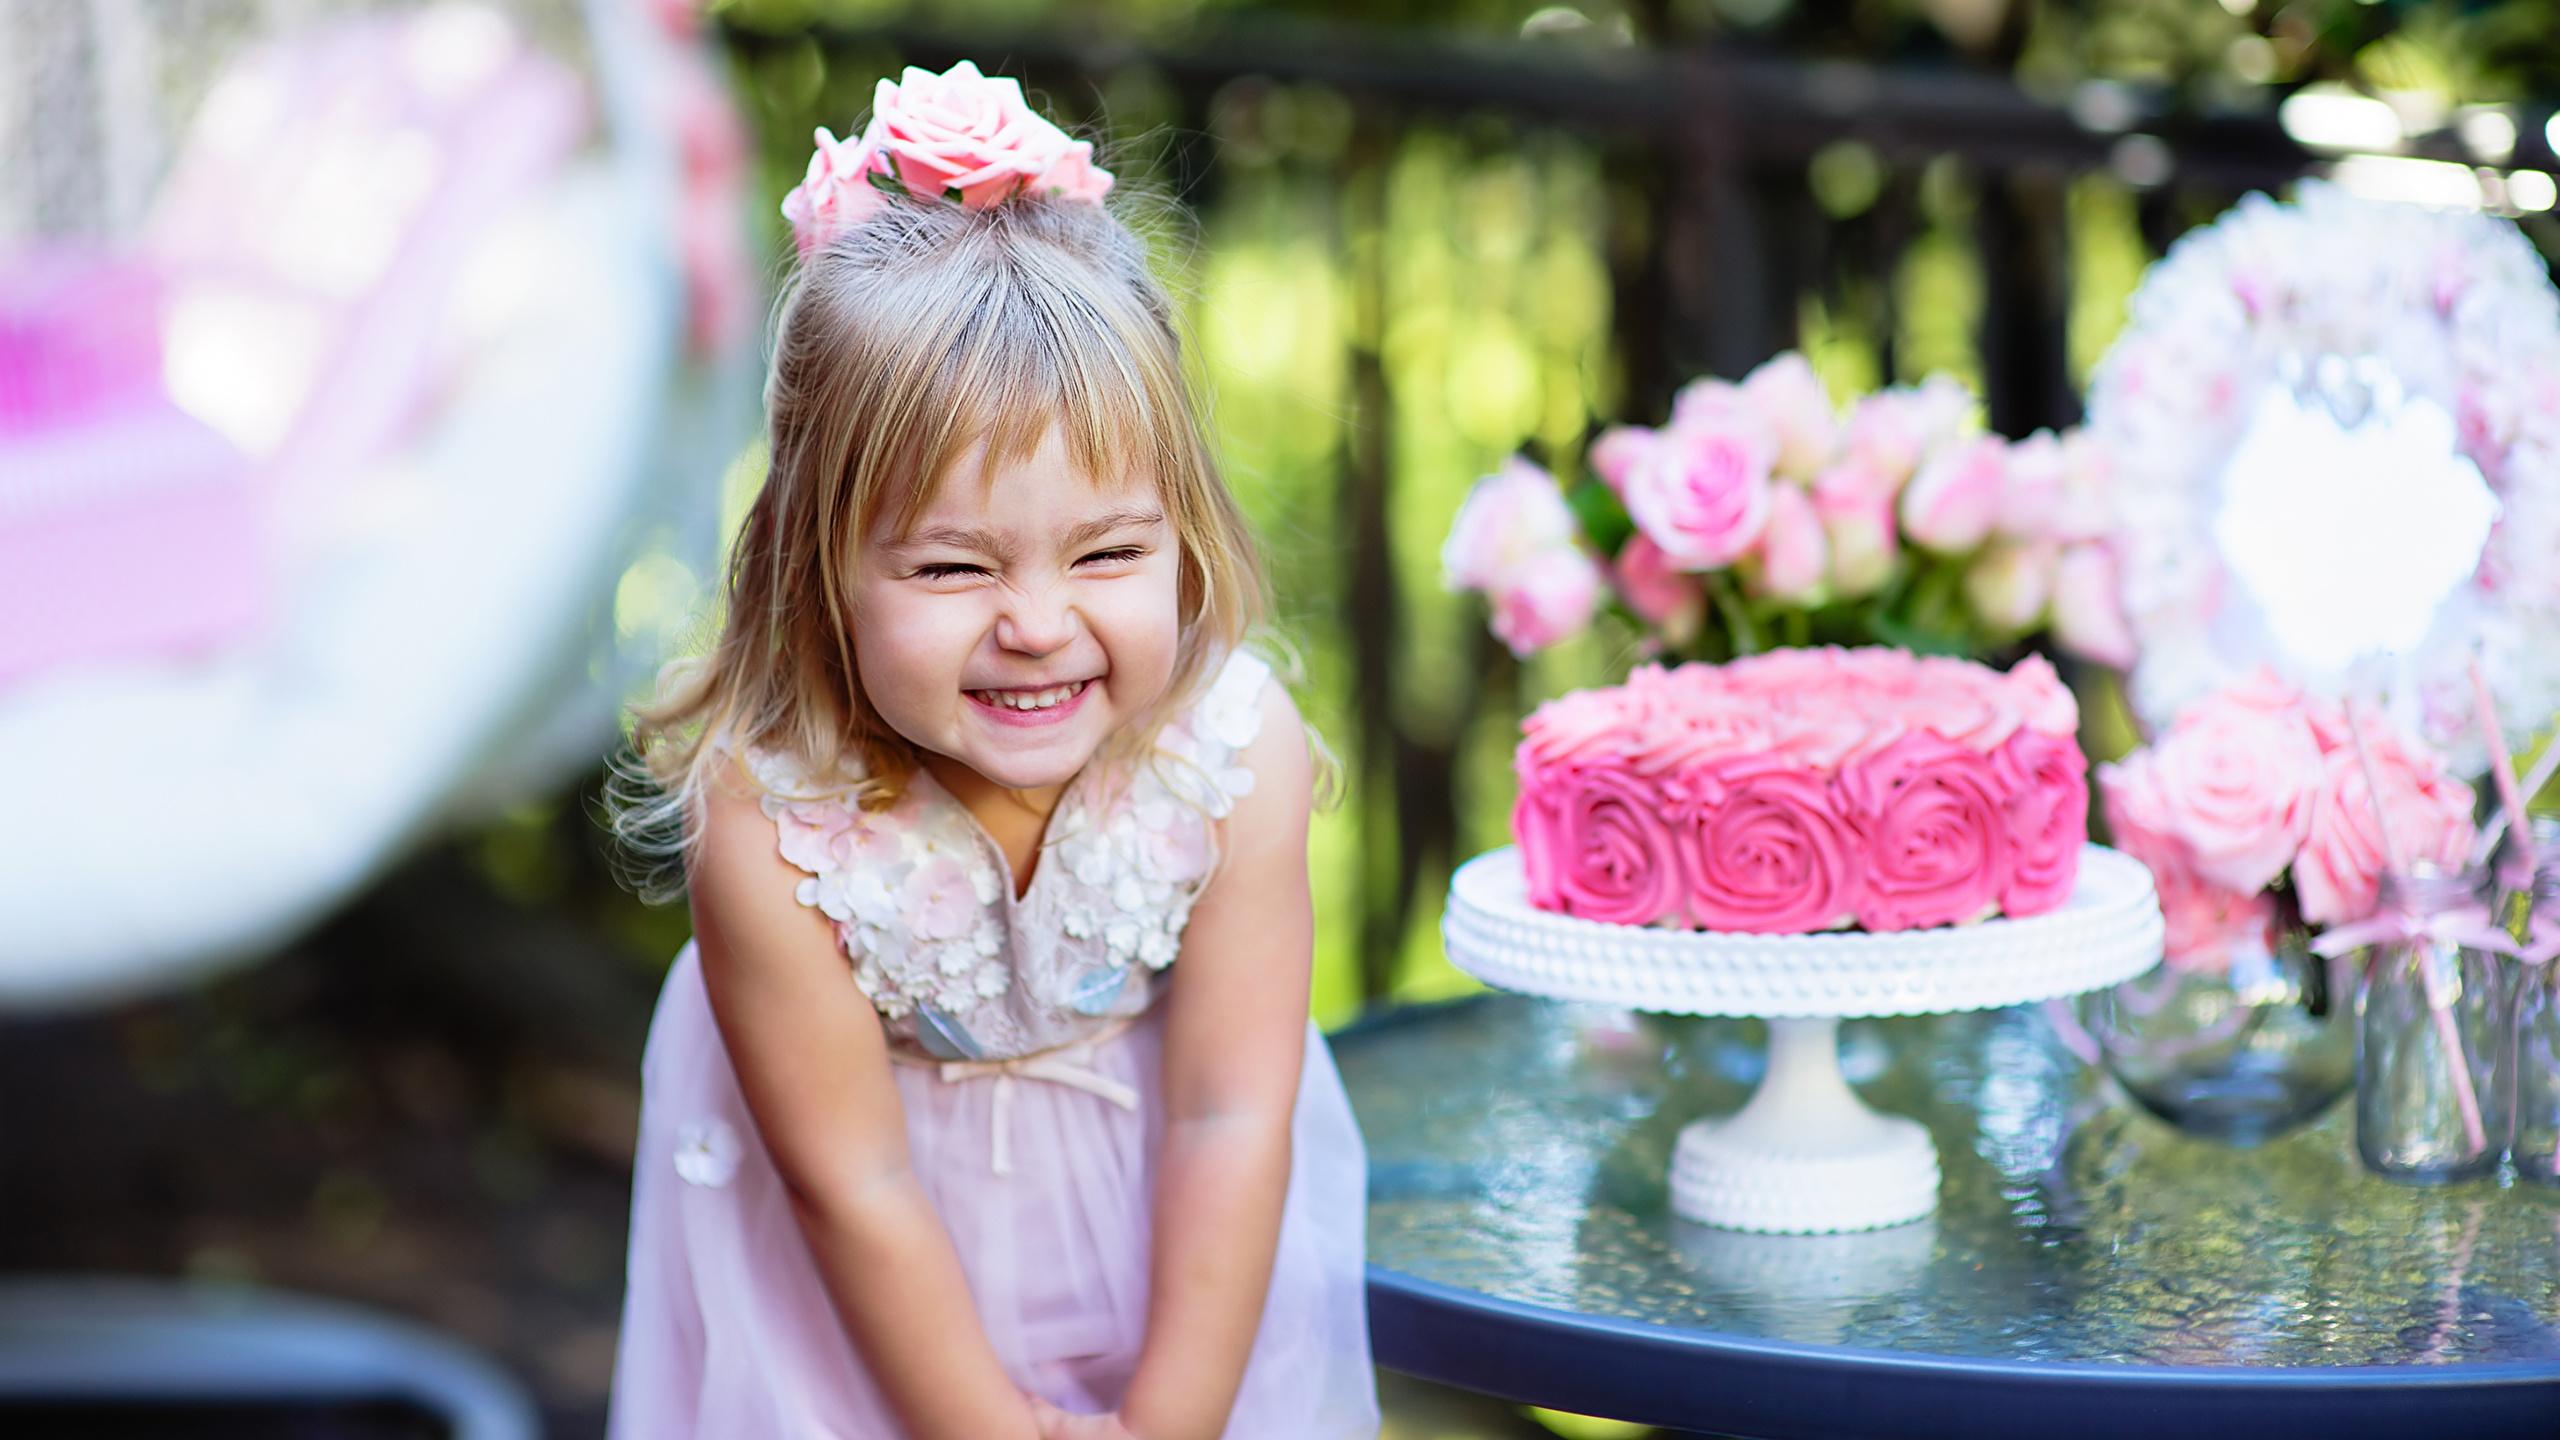 Фото с днем рождения дети и торт